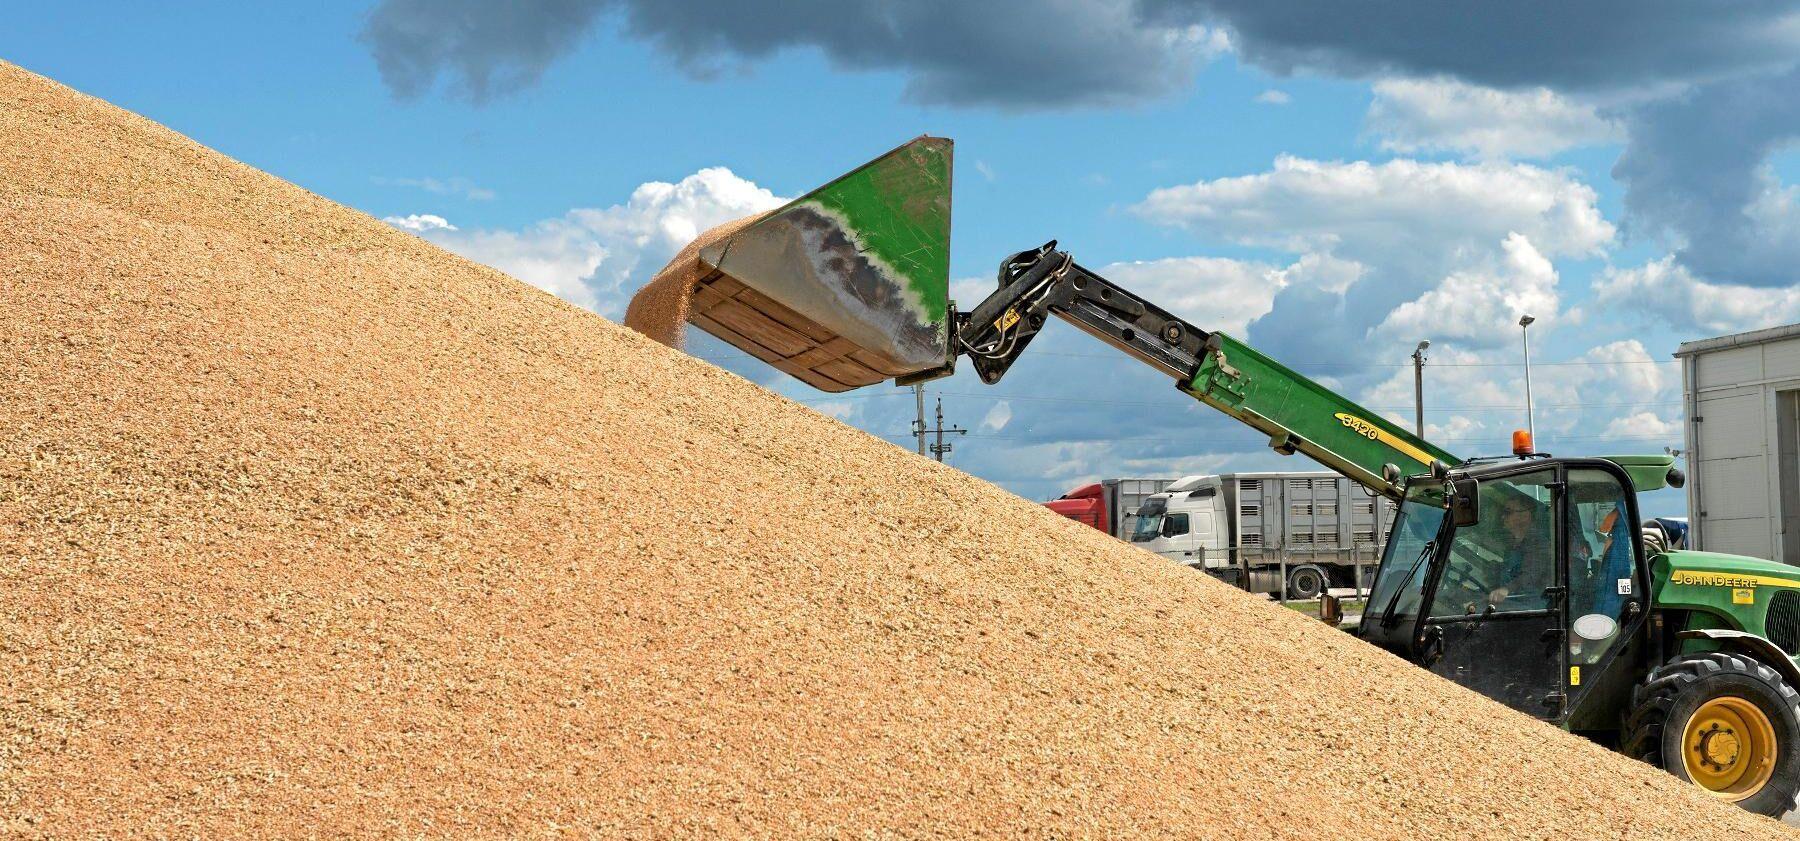 Via Scangrain kan kunden beställa rätt kvalitet på spannmål eller specialgrödor.